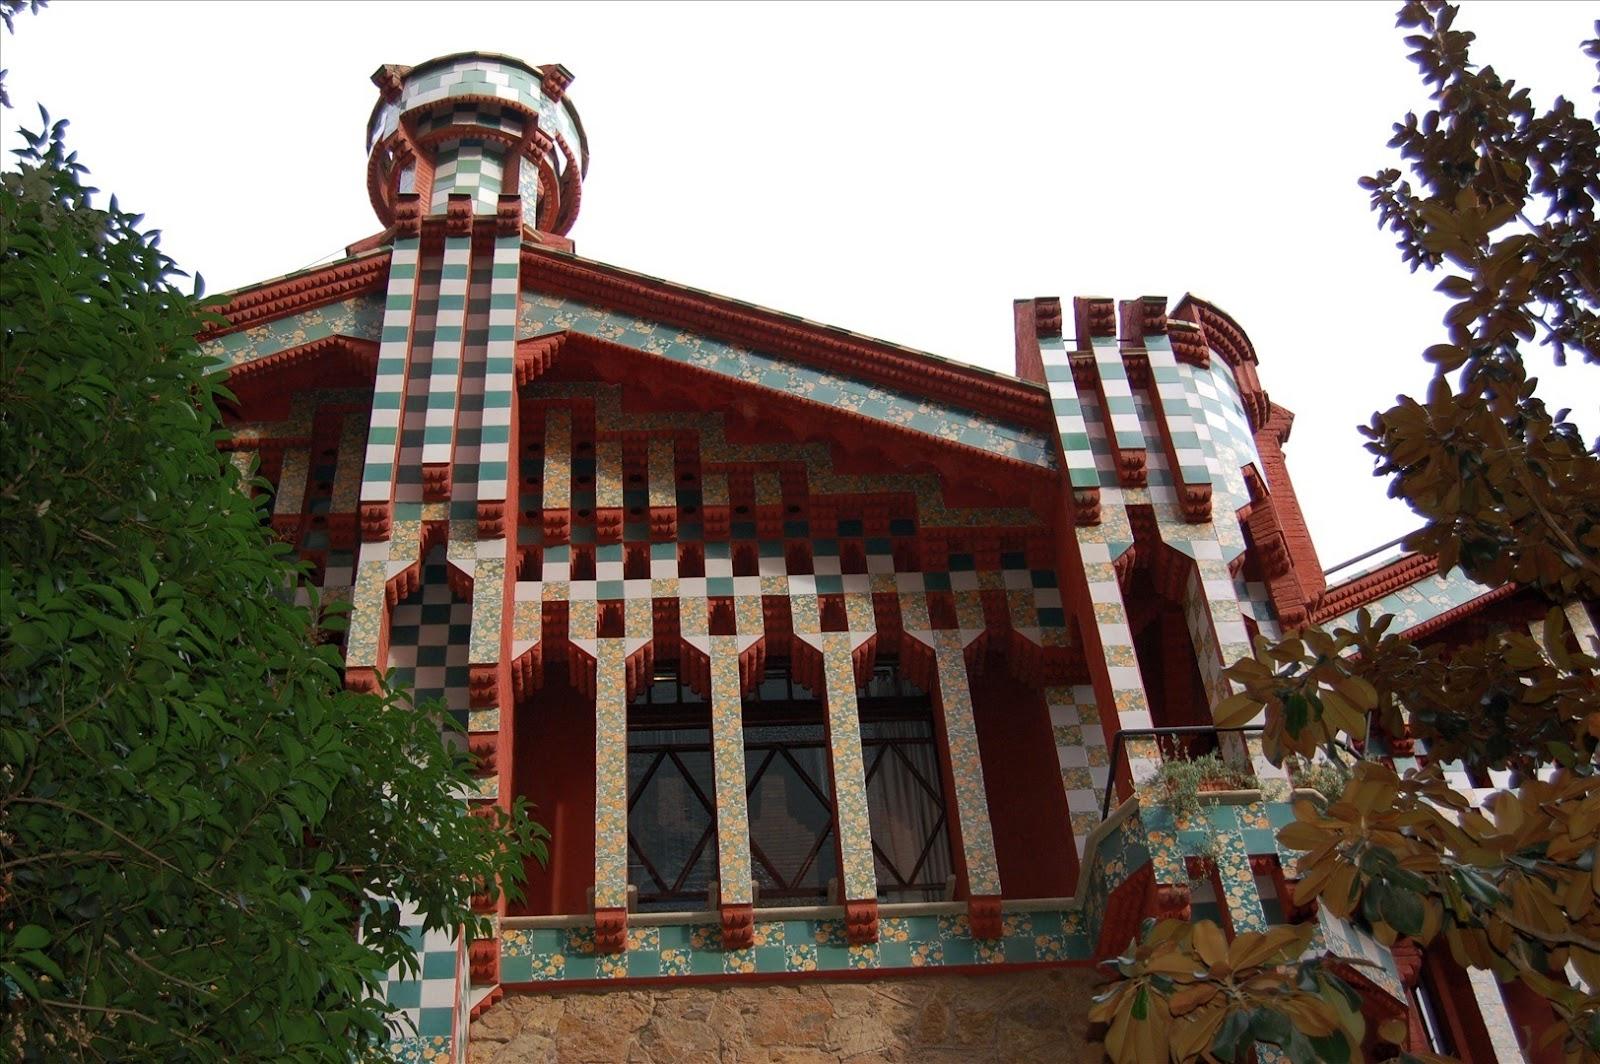 Barcelona turismo que ver en barcelona visitar barcelona barcelona y gaudi su obra las - Casas de musica en barcelona ...